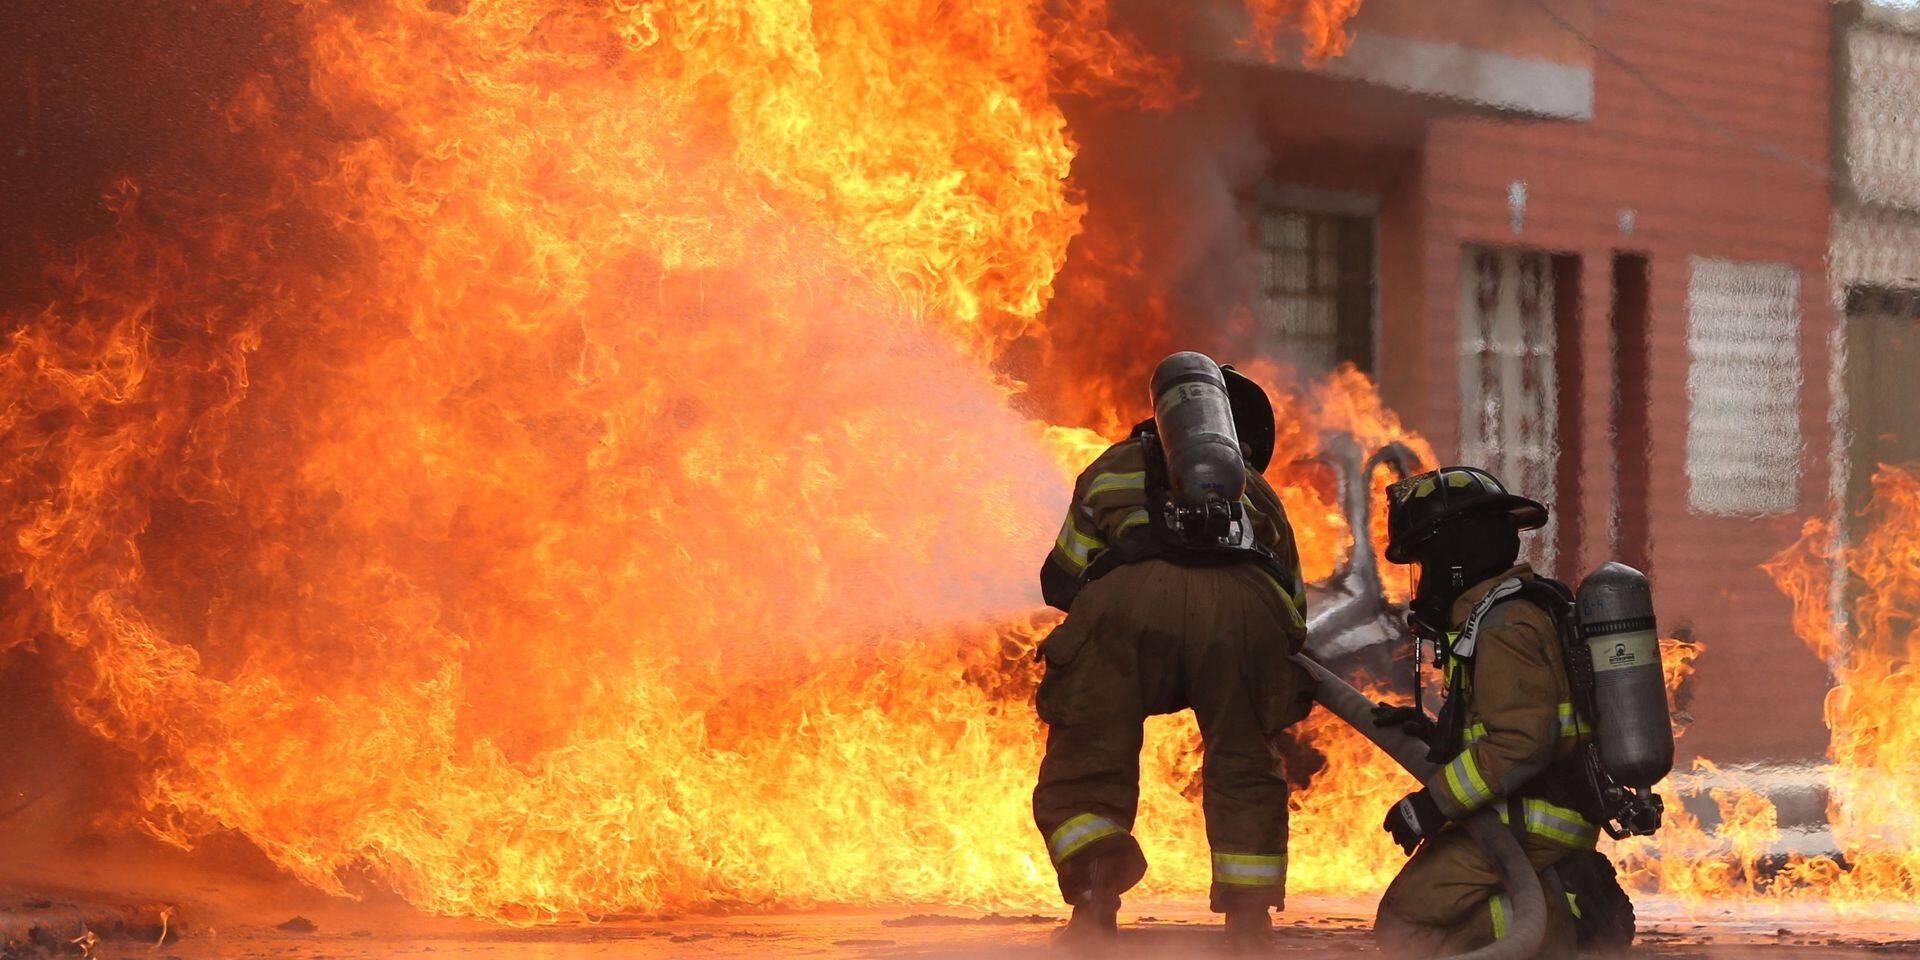 Incendie dans un immeuble squatté de Liège